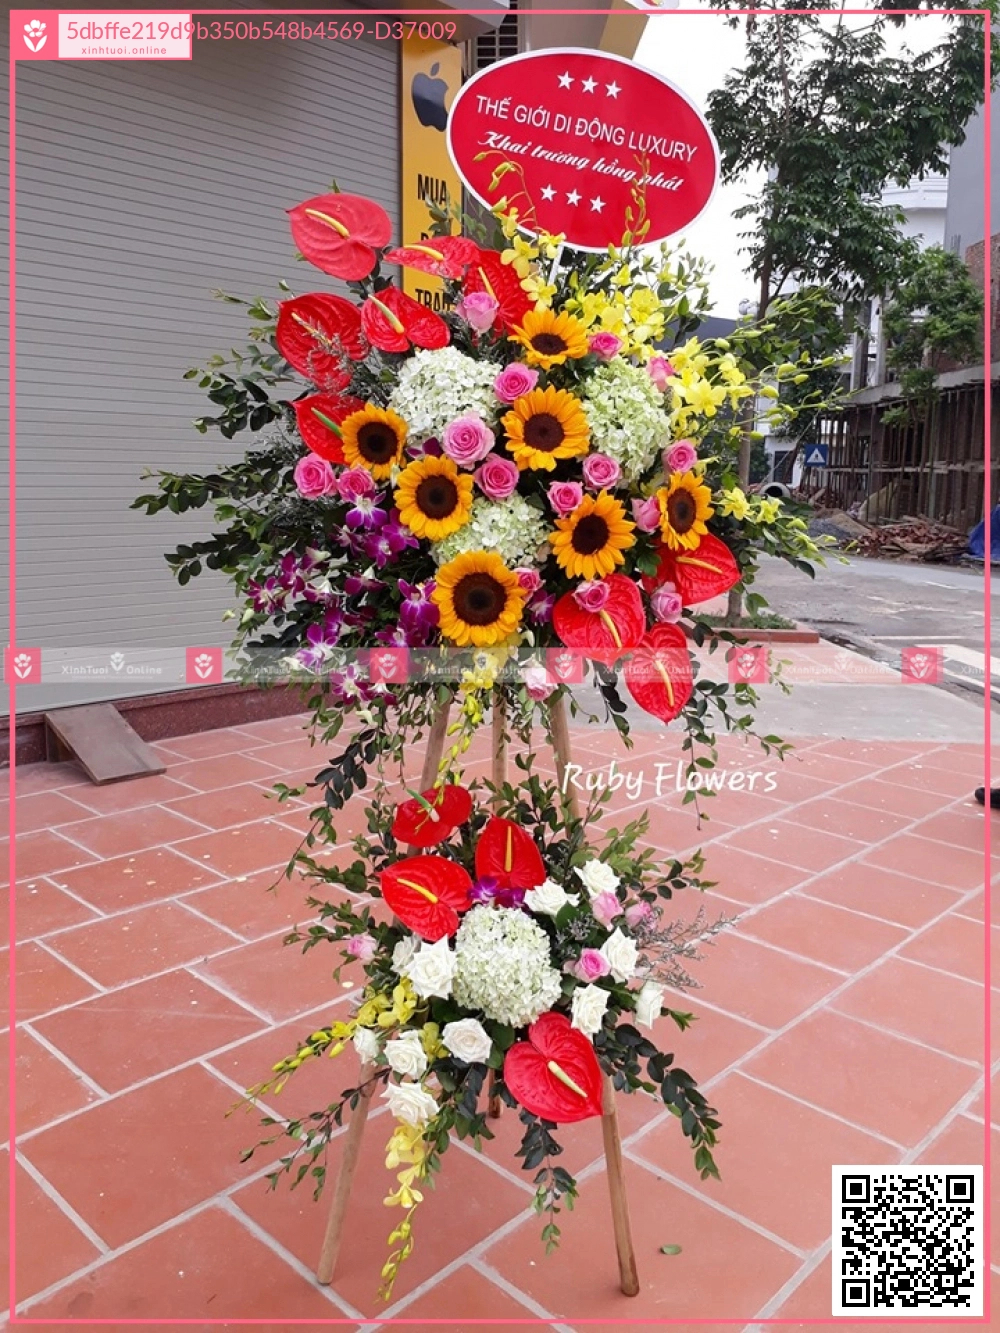 Xinh xắn - D37009 - xinhtuoi.online